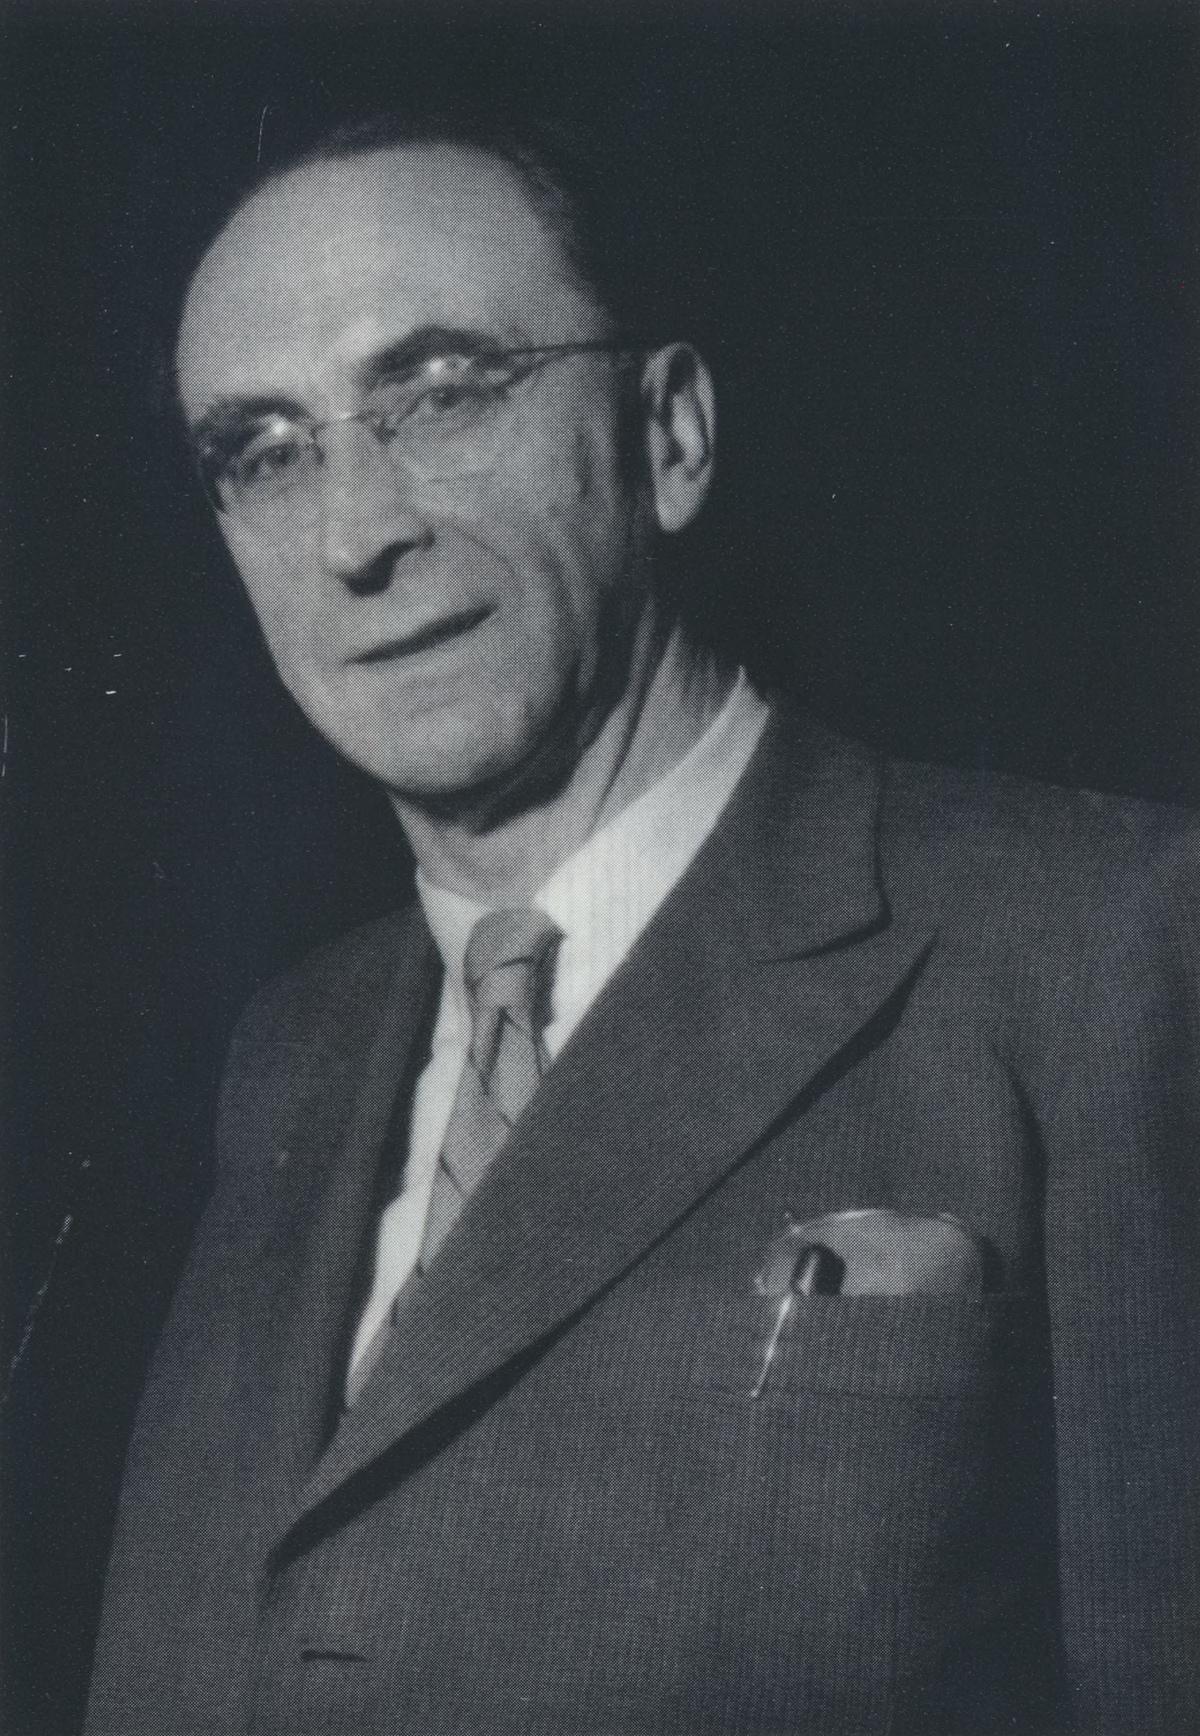 Hans ROSBAUD, photo des archives de la SWR, lieu, date et photographe inconnus